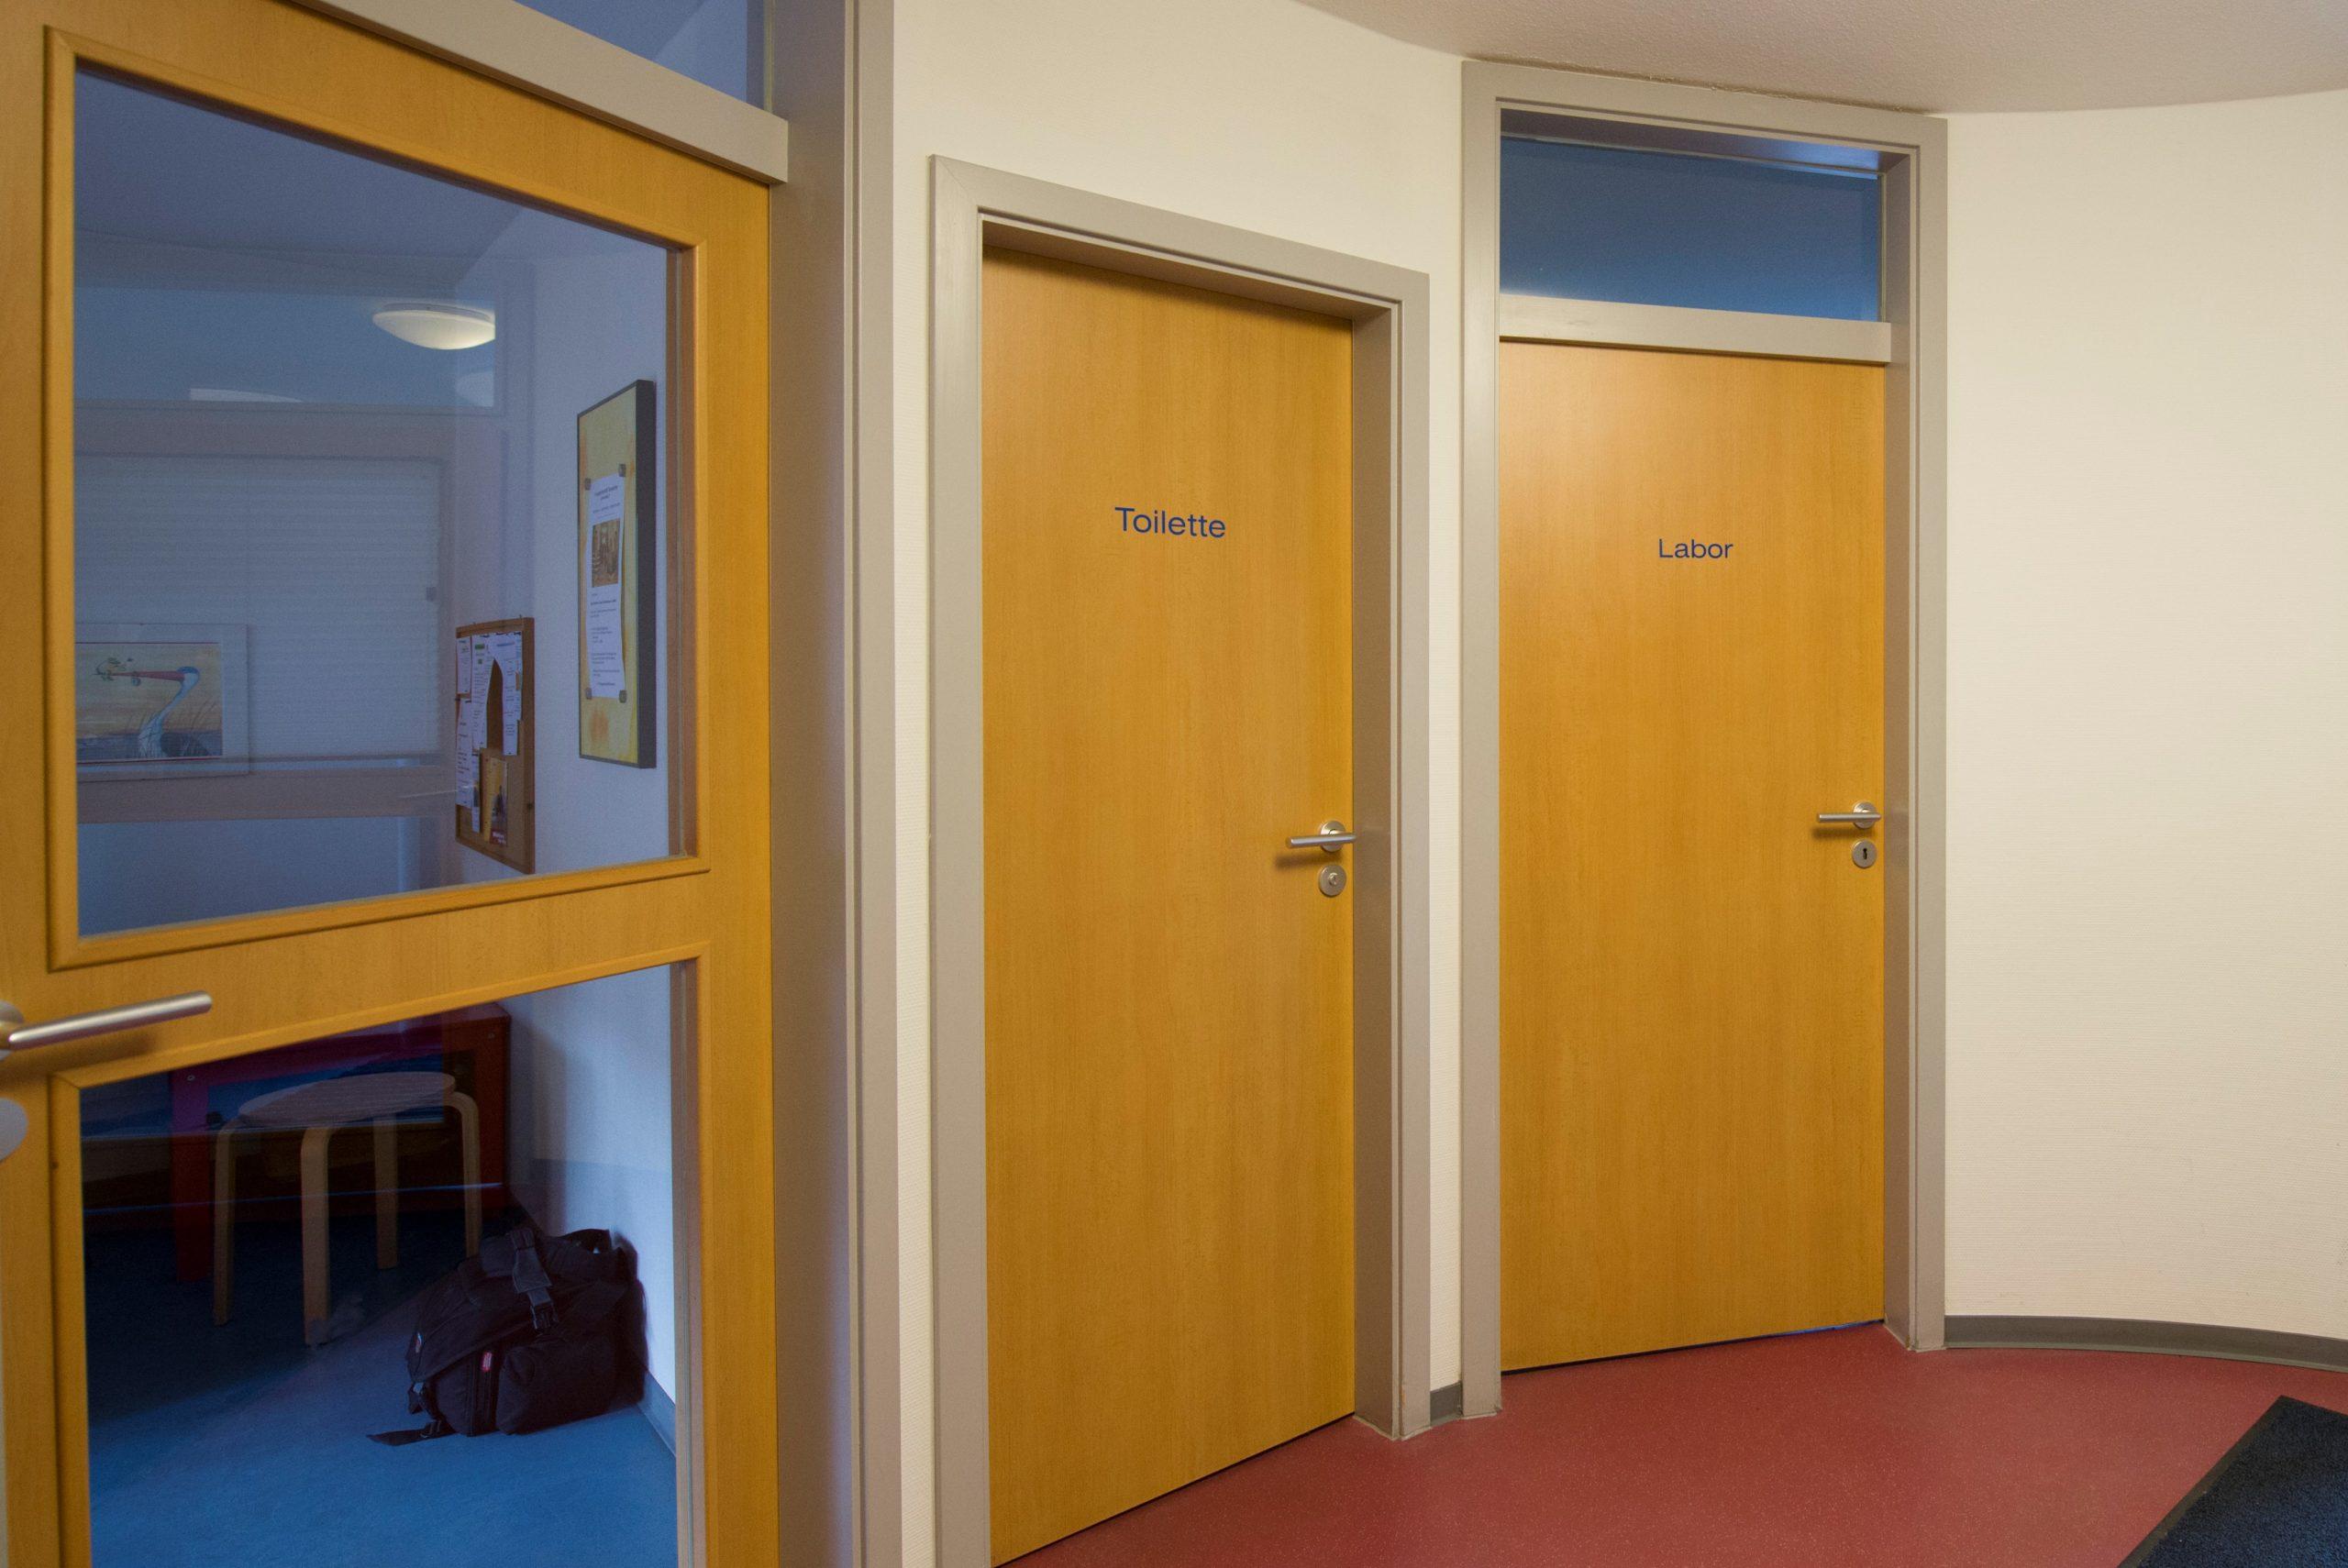 Arztpraxis Türenbeschriftung vor Umgestaltung.